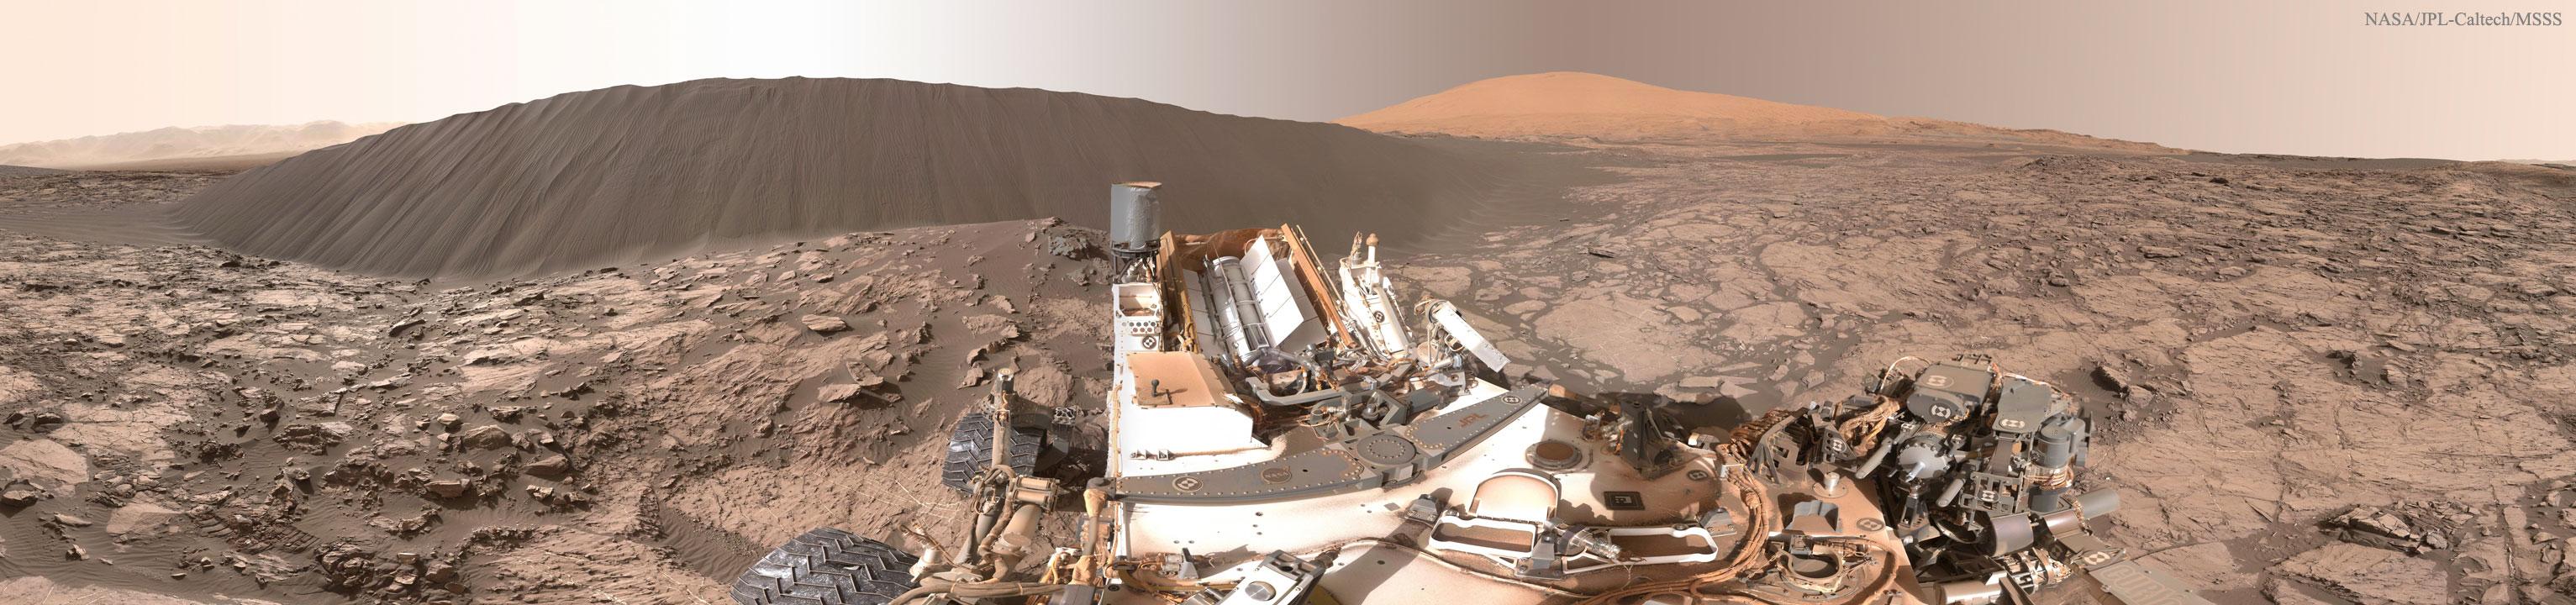 telescope from nasa curiosity - photo #20